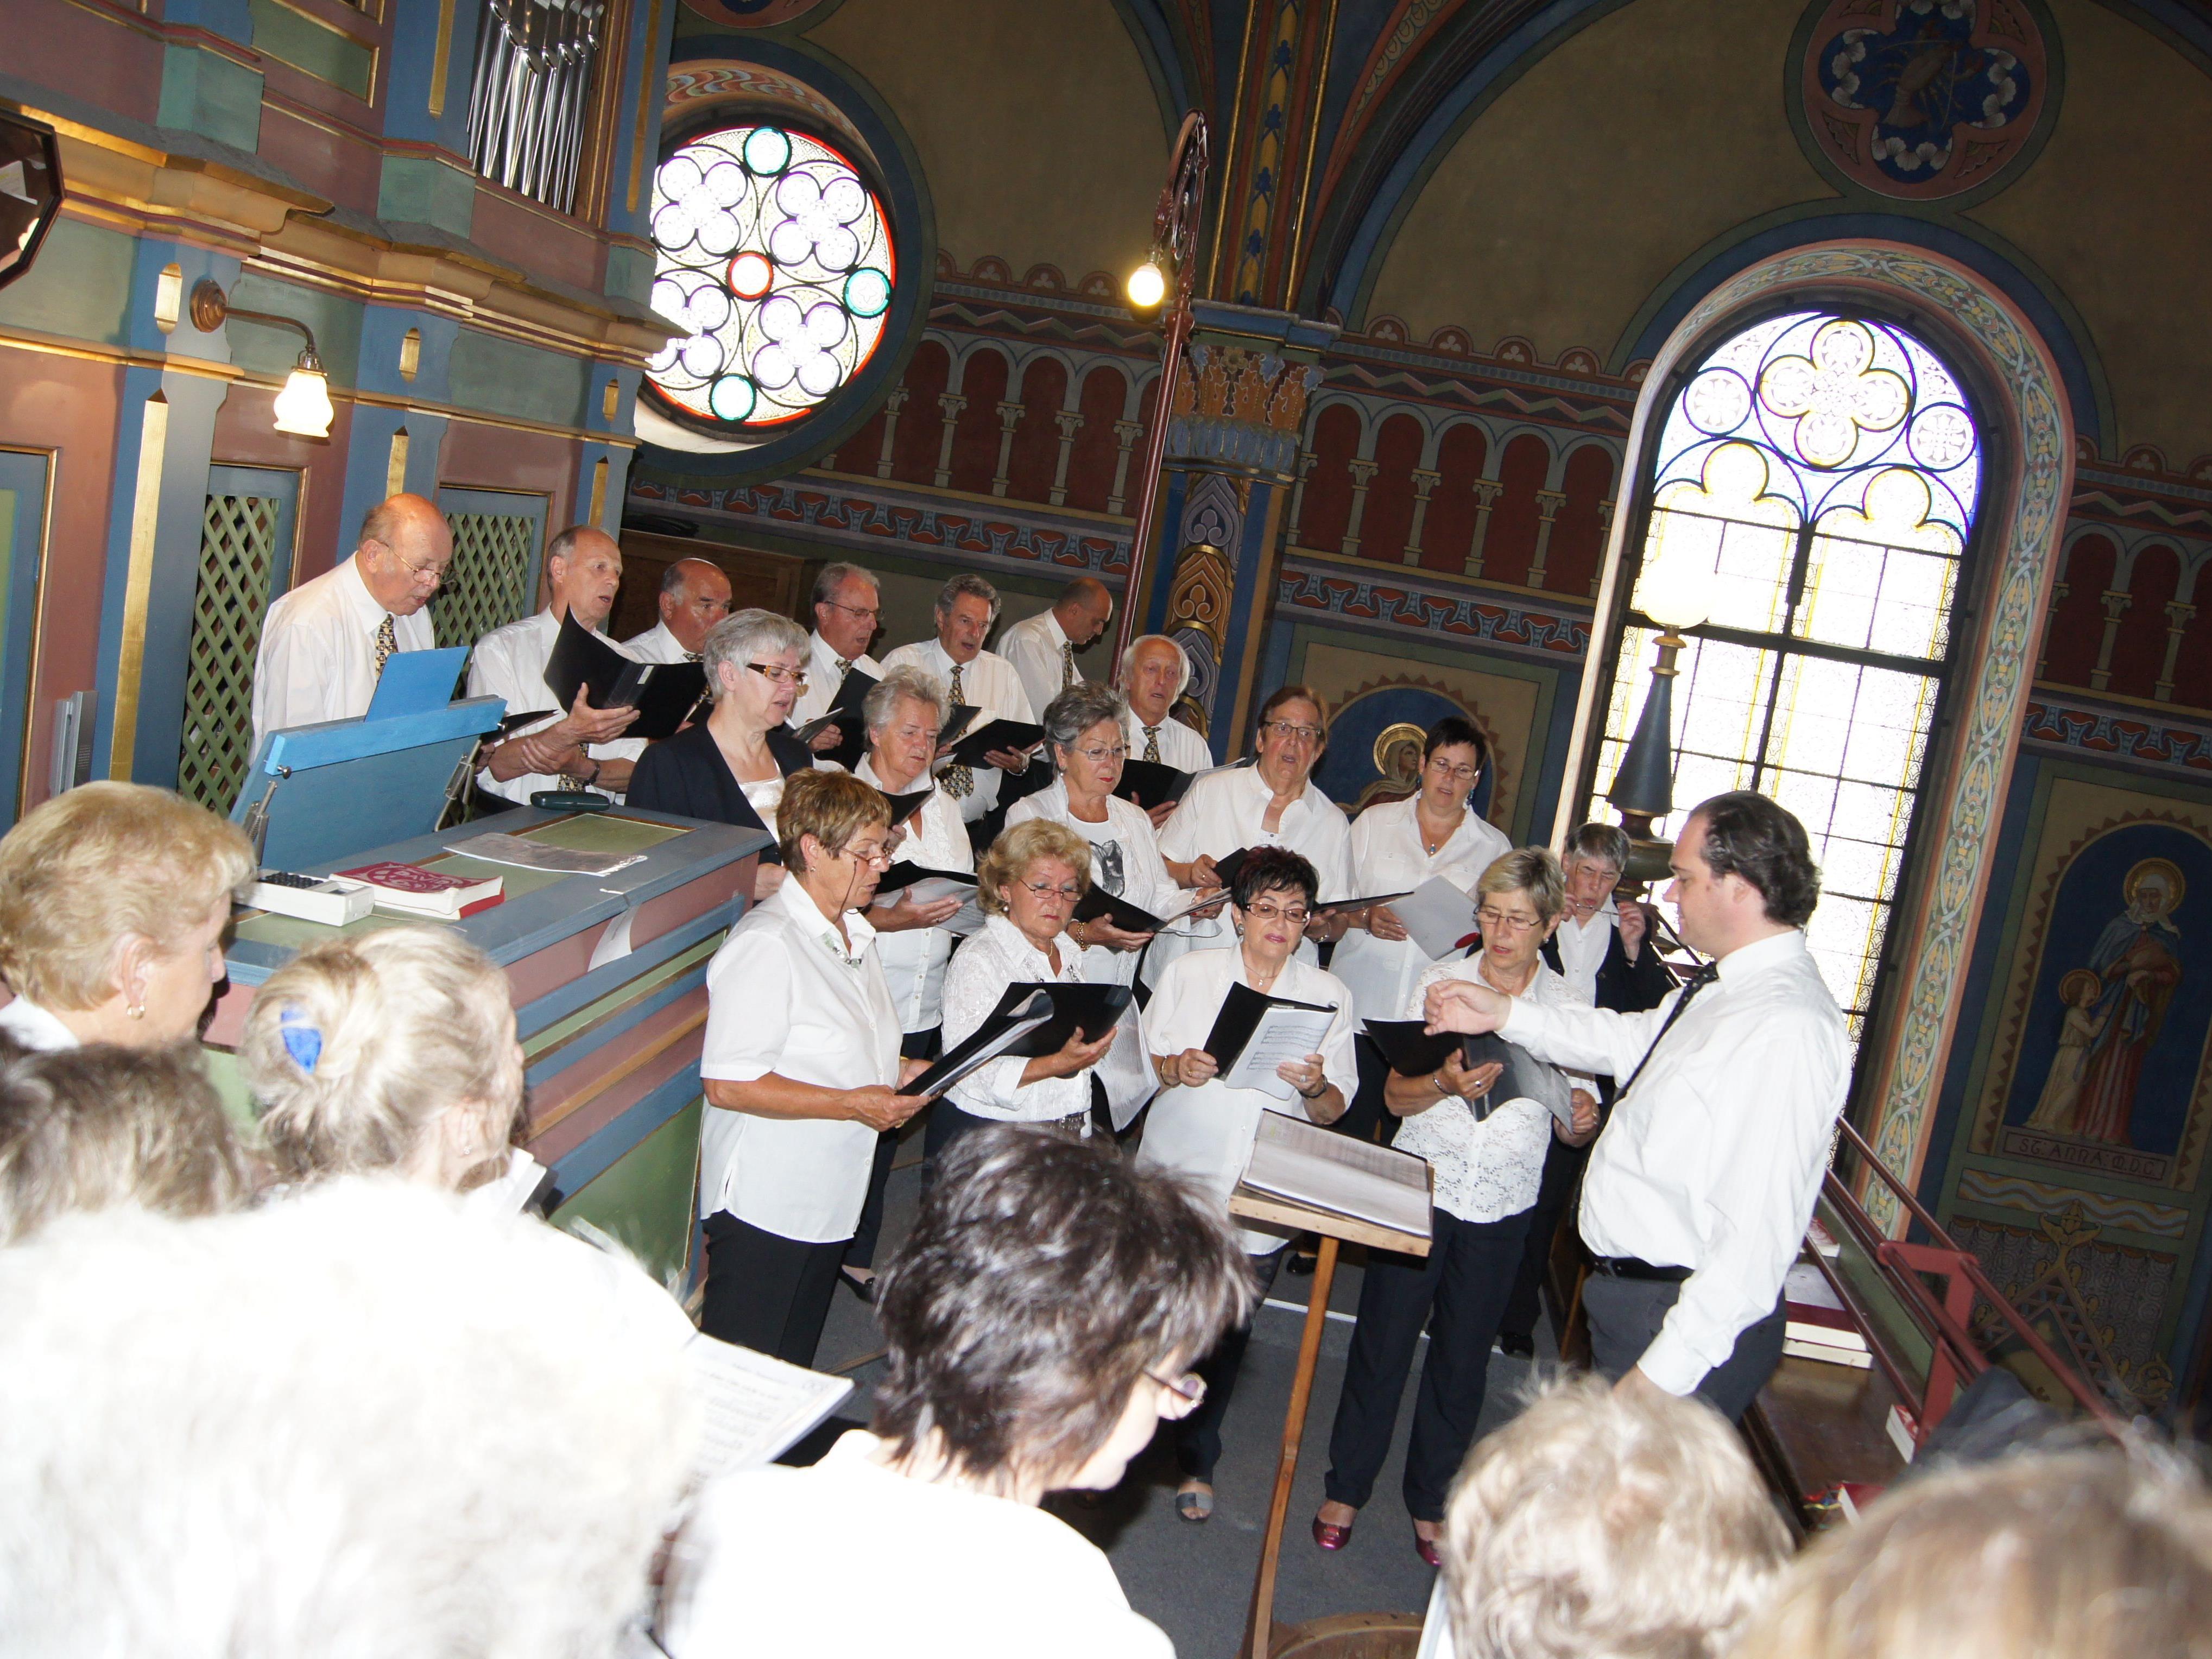 Auf der Empore der Pfarrkirche sang der Liederhort Hatlerdorf bei der Jubiläumsmesse.